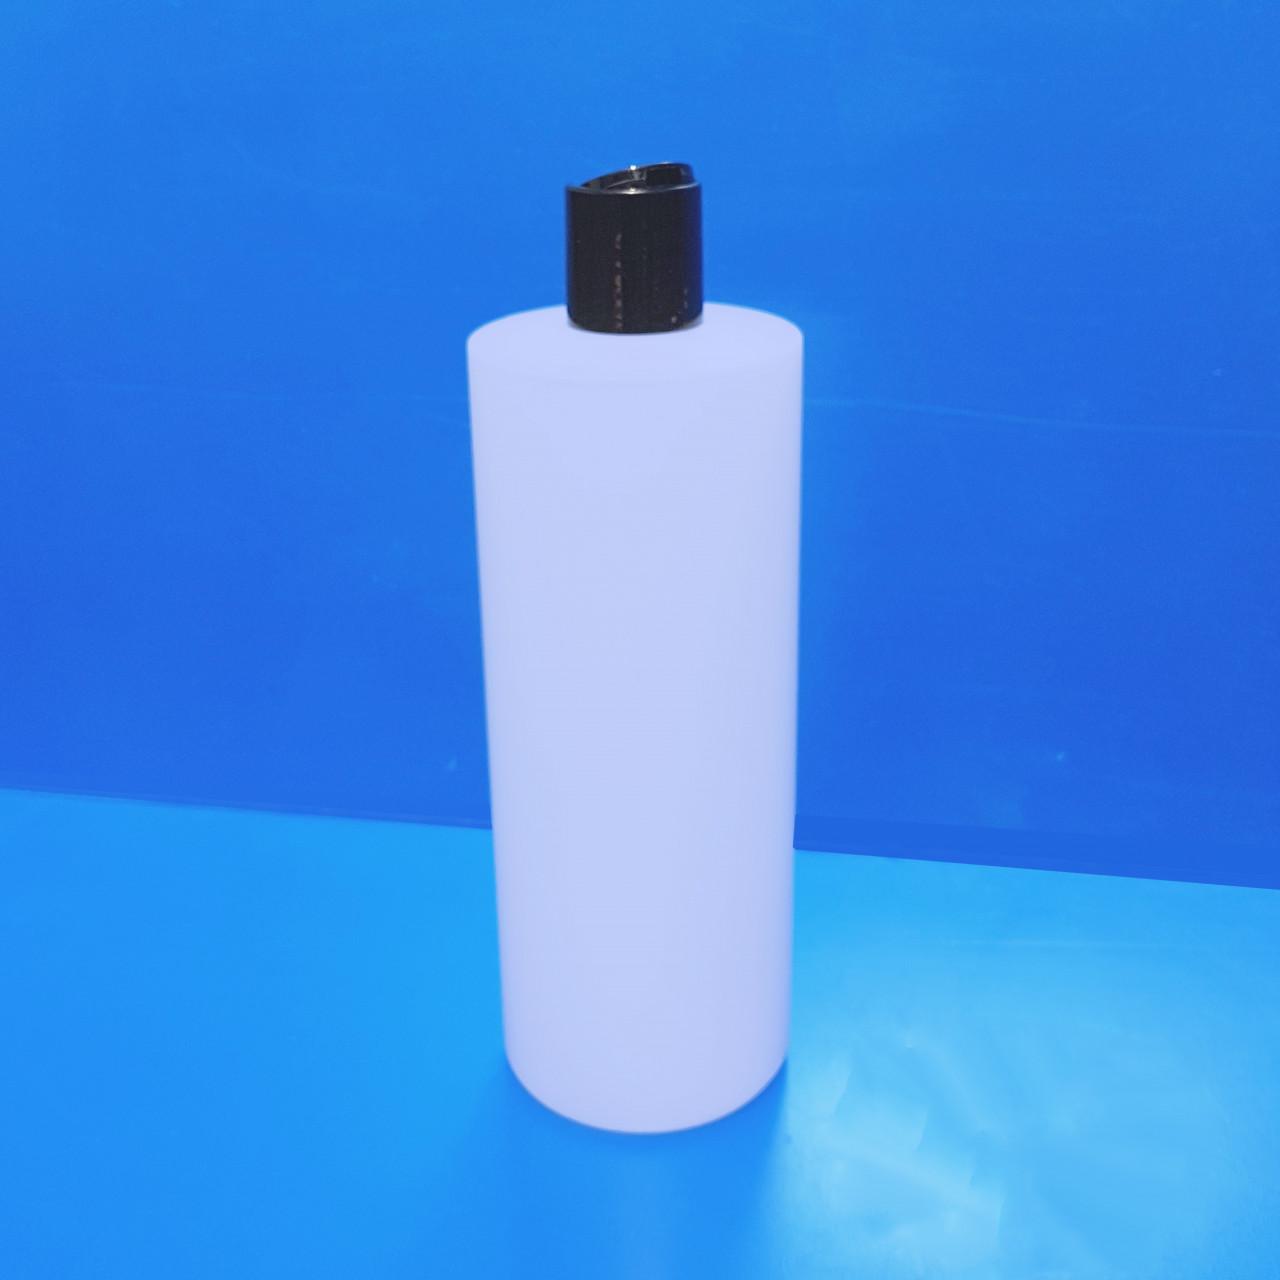 Rundflasche 500 ml |mit Disctop-Verschluss